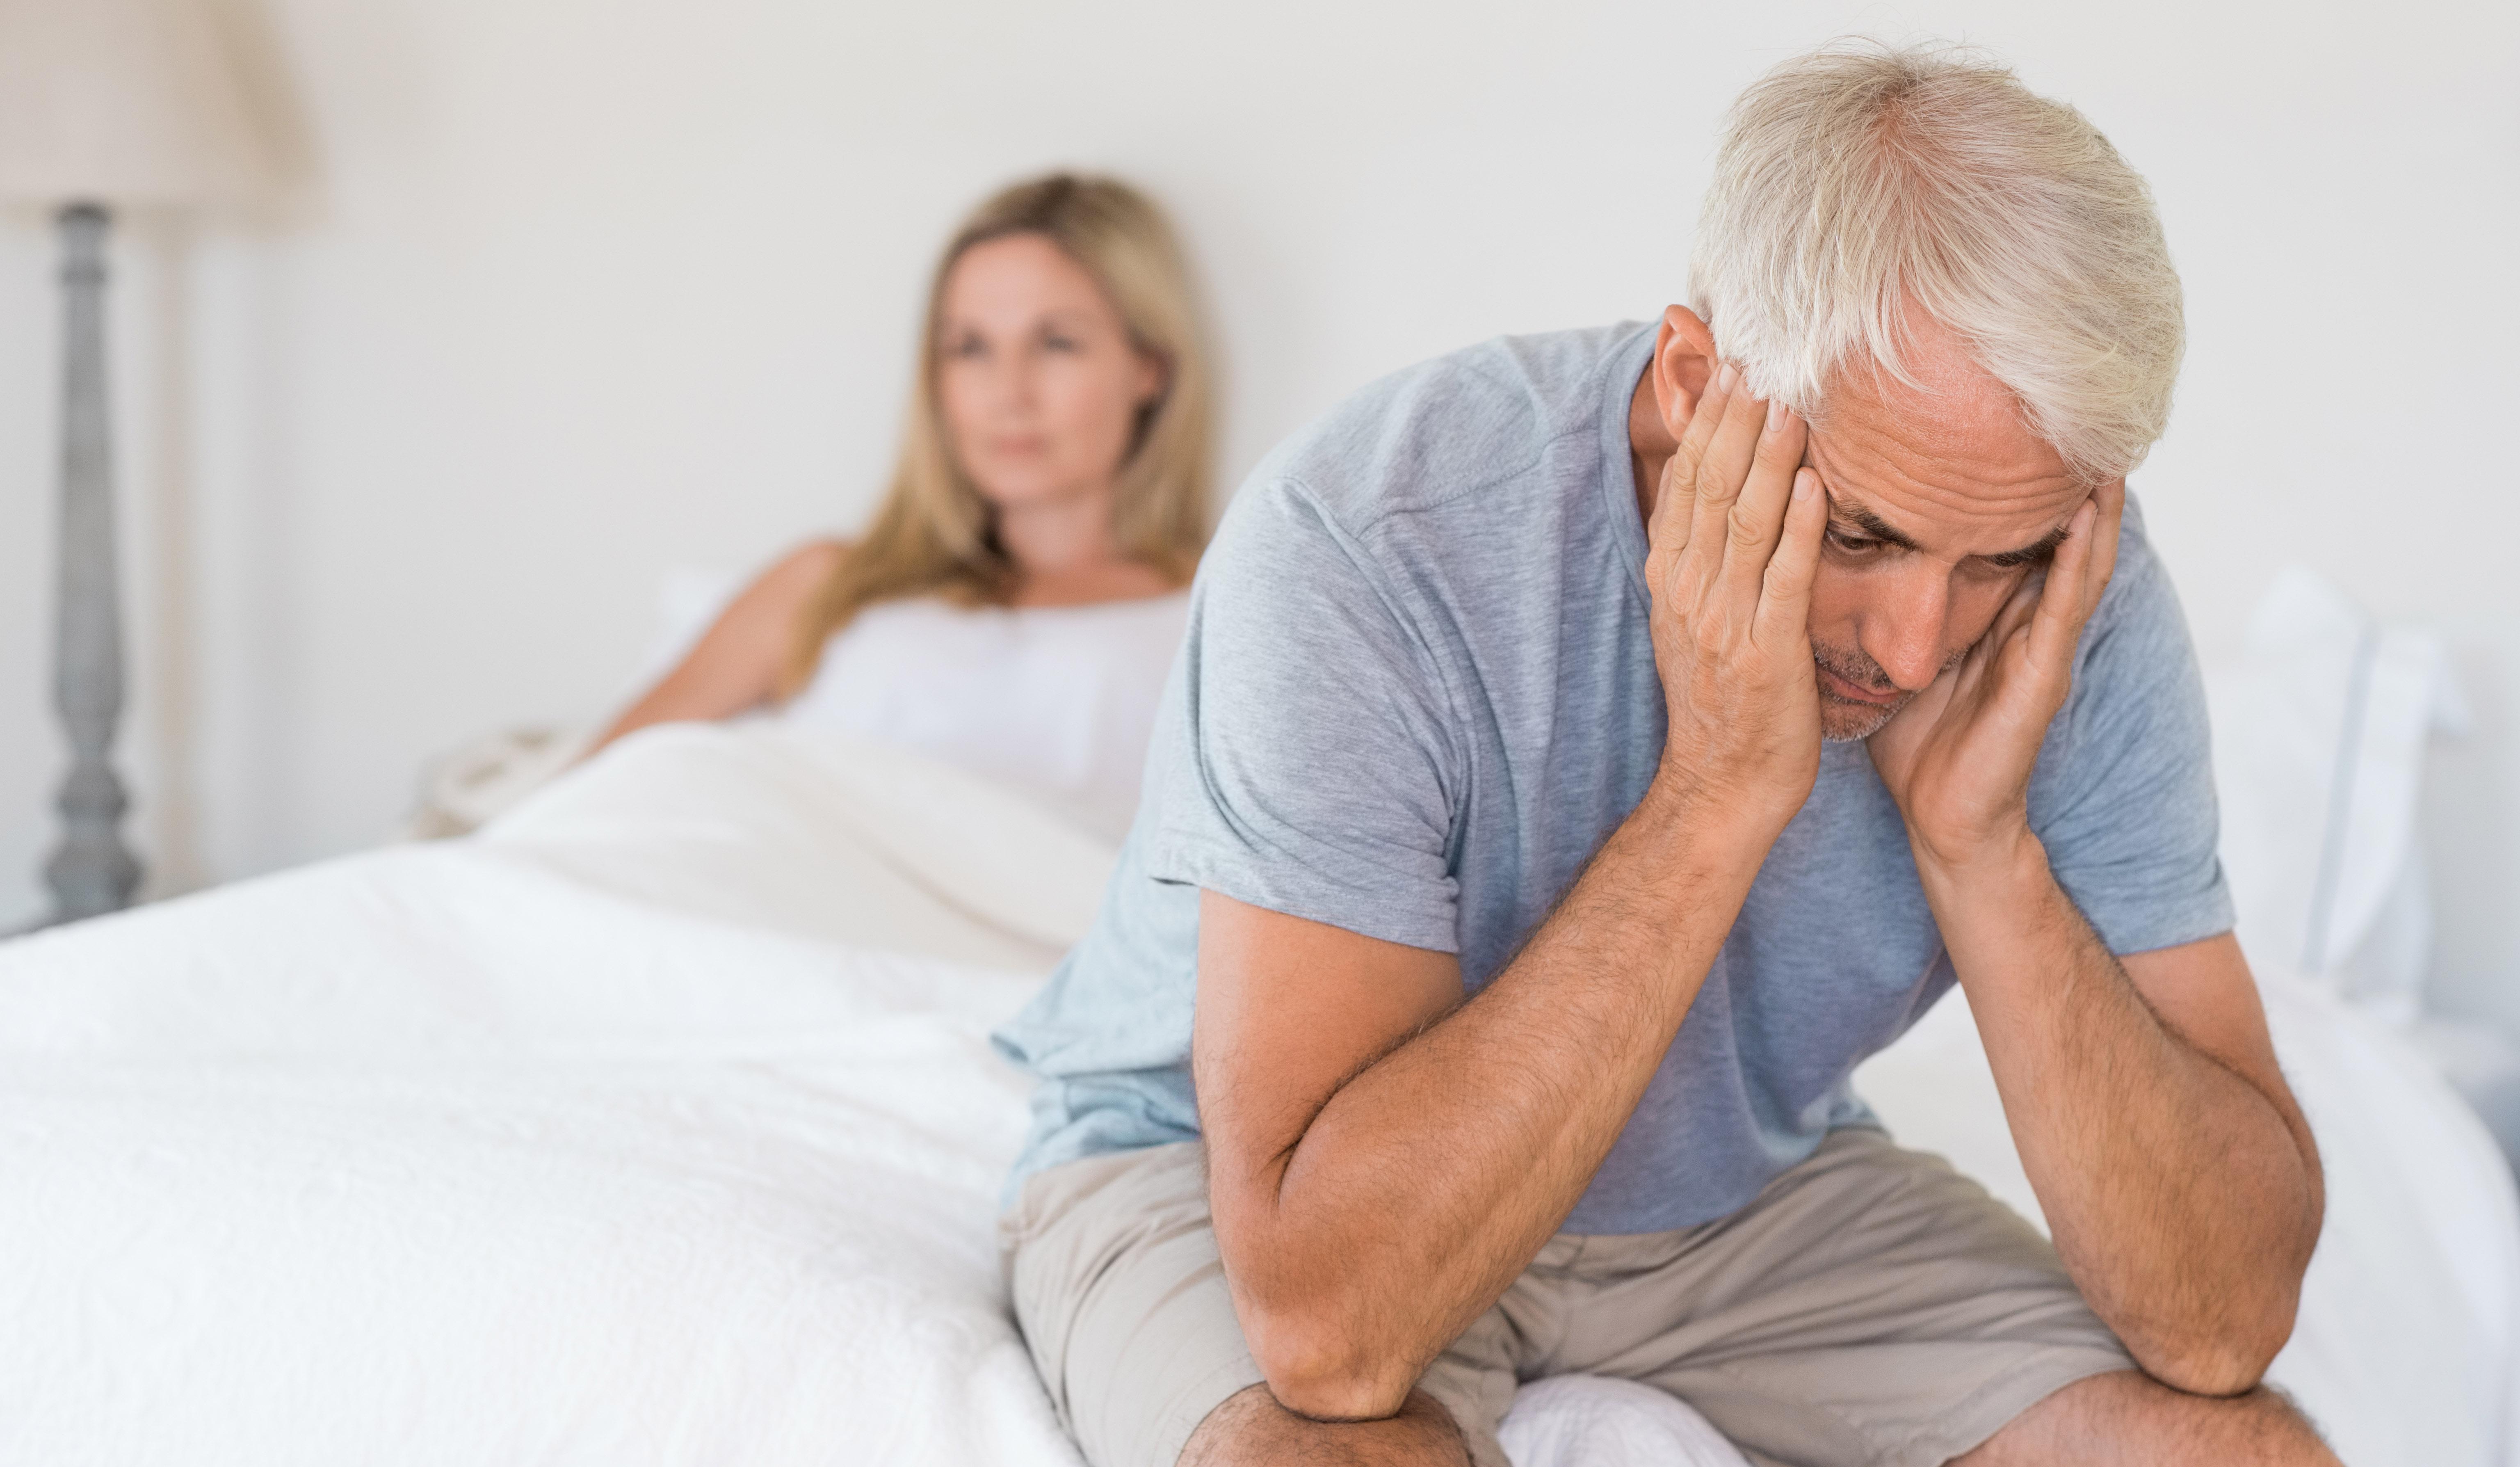 pénisz és annak minden betegsége mely tabletták nem rosszak az erekcióhoz